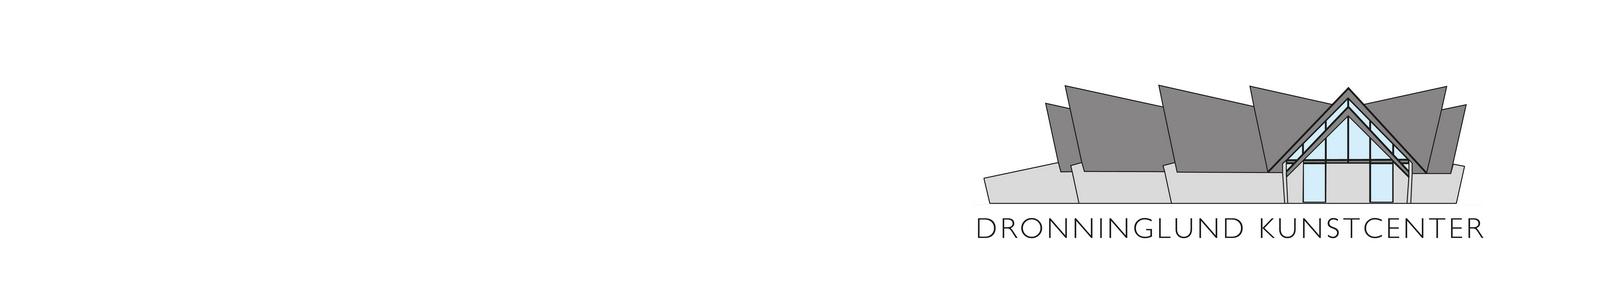 logo langsmal2s